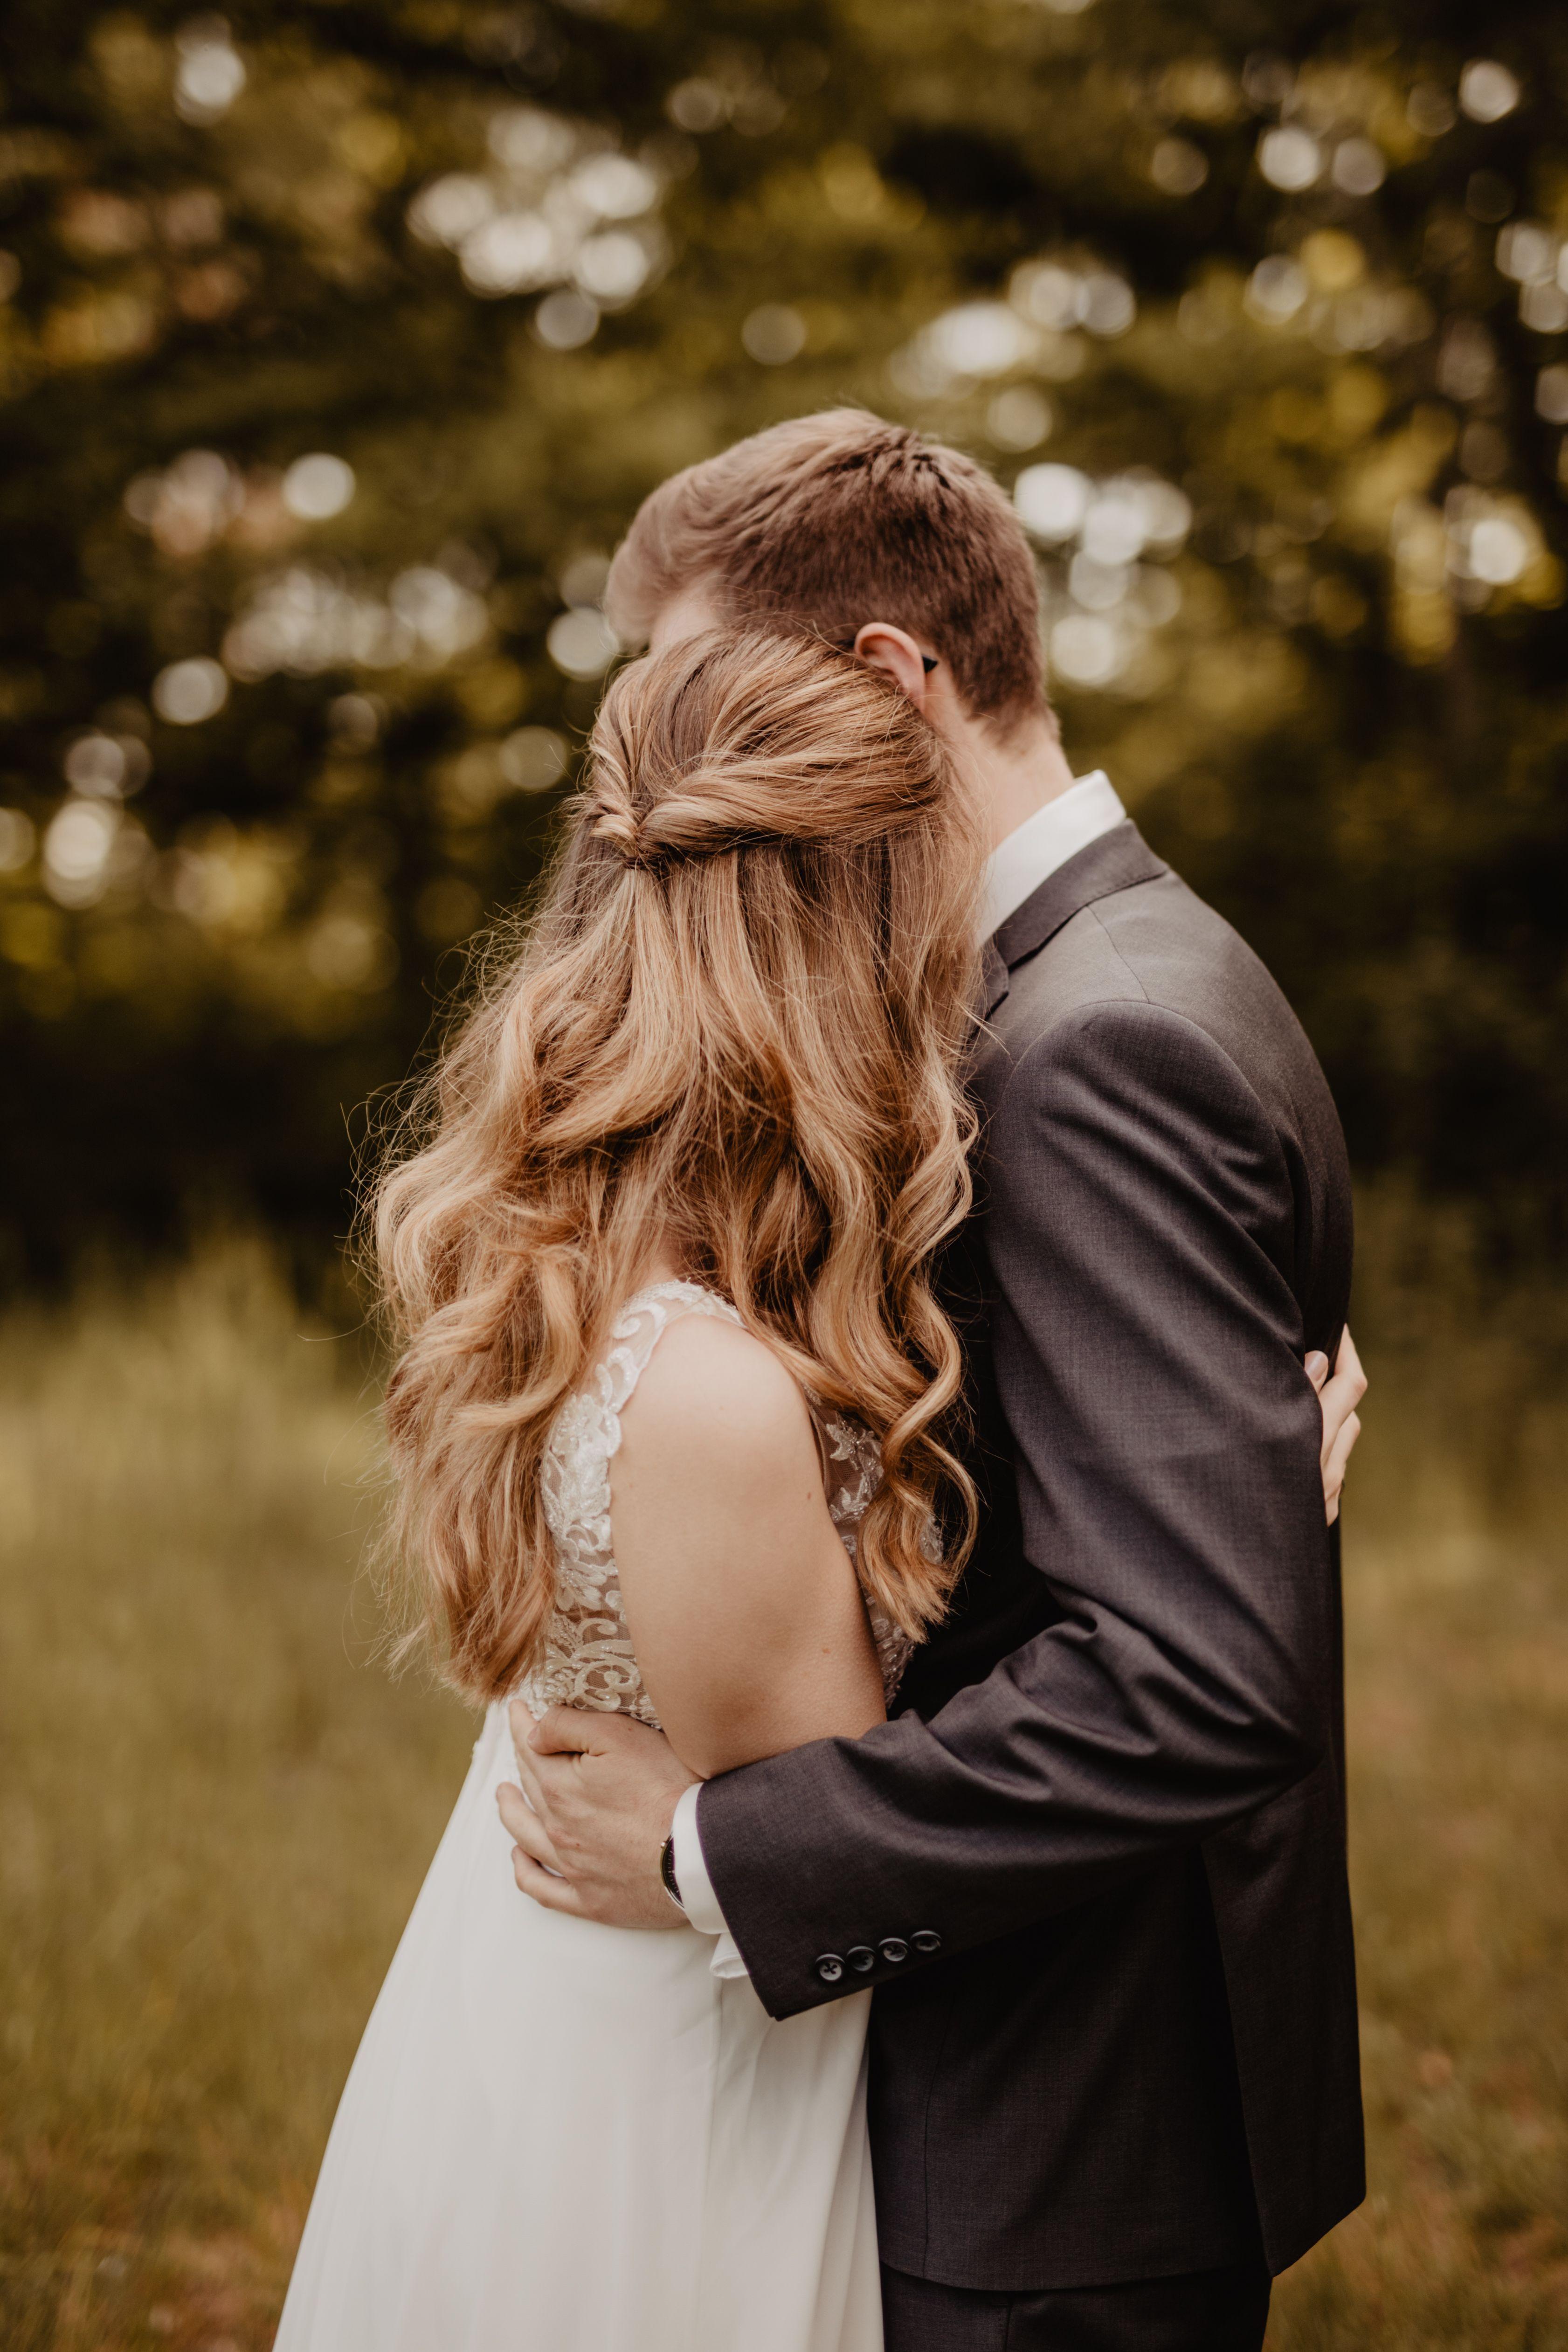 Sunset Love Wedding Instagram Foto Hochzeitsfotografie Instagram